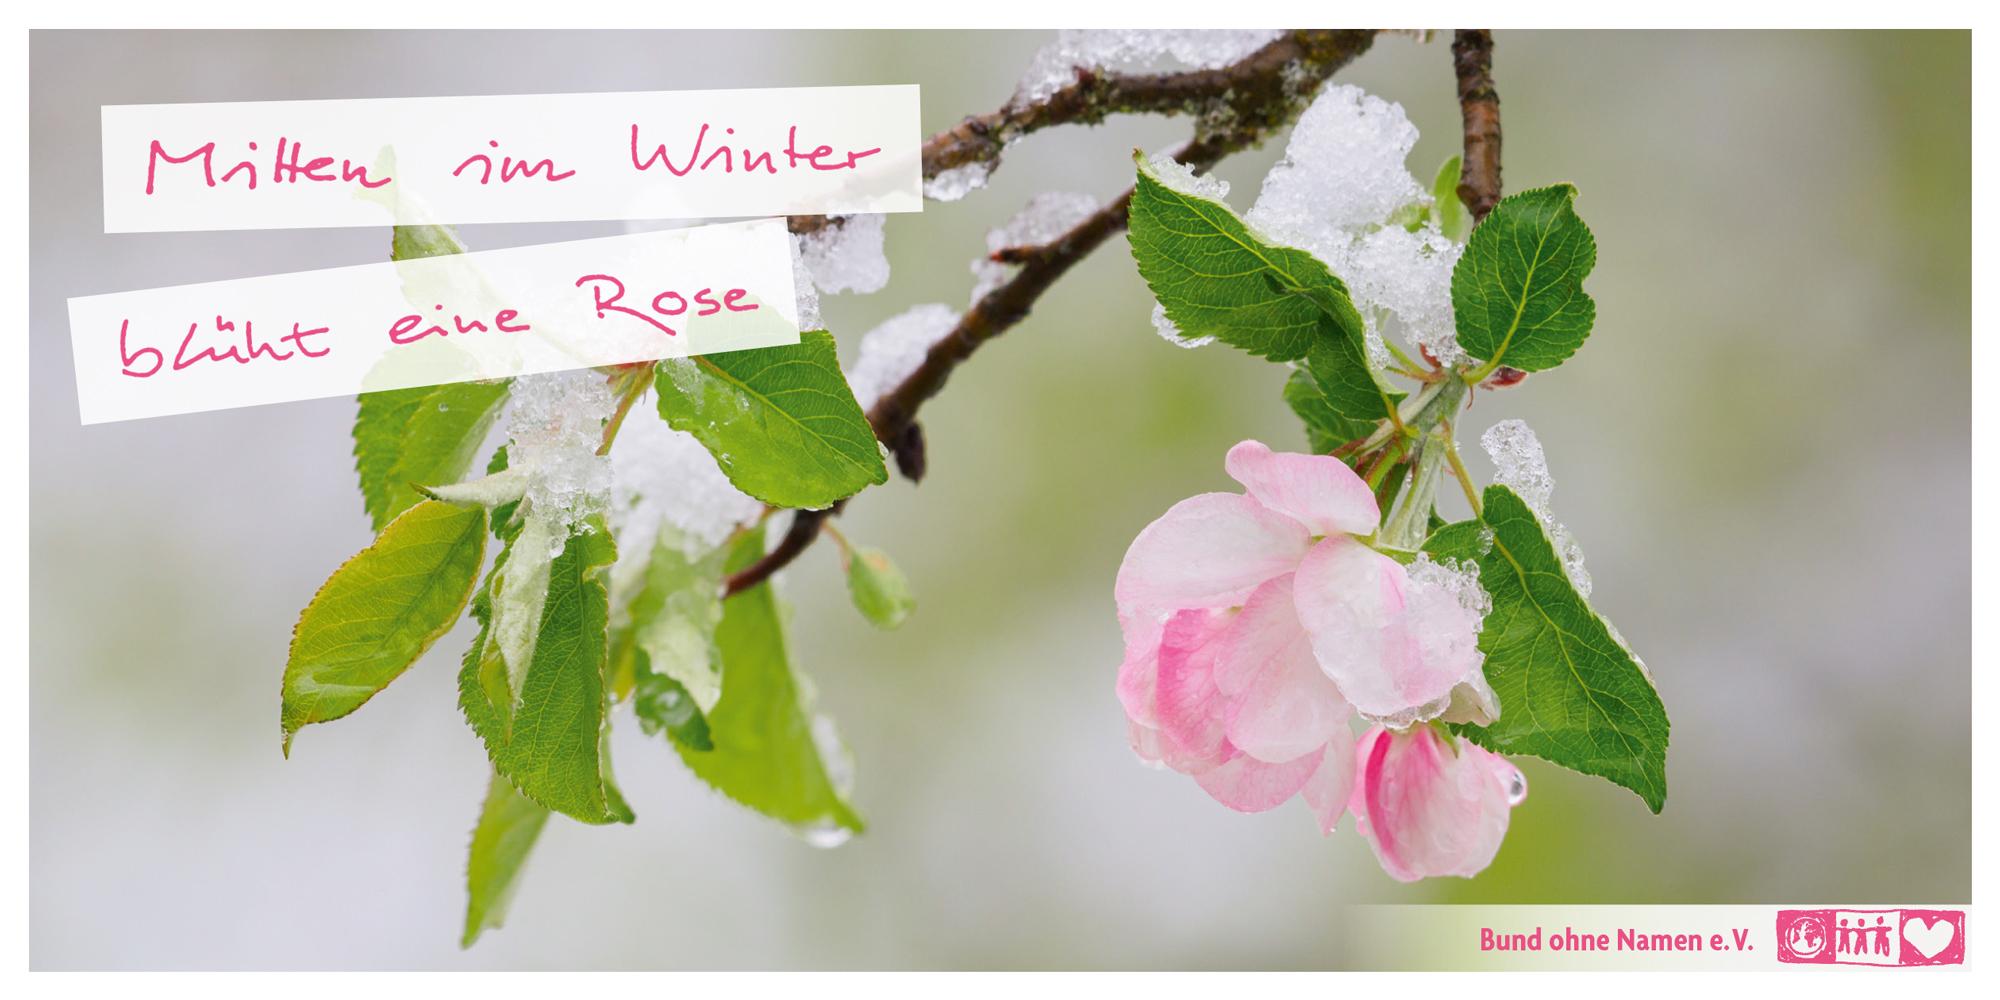 Mitten im Winter blüht eine Rose